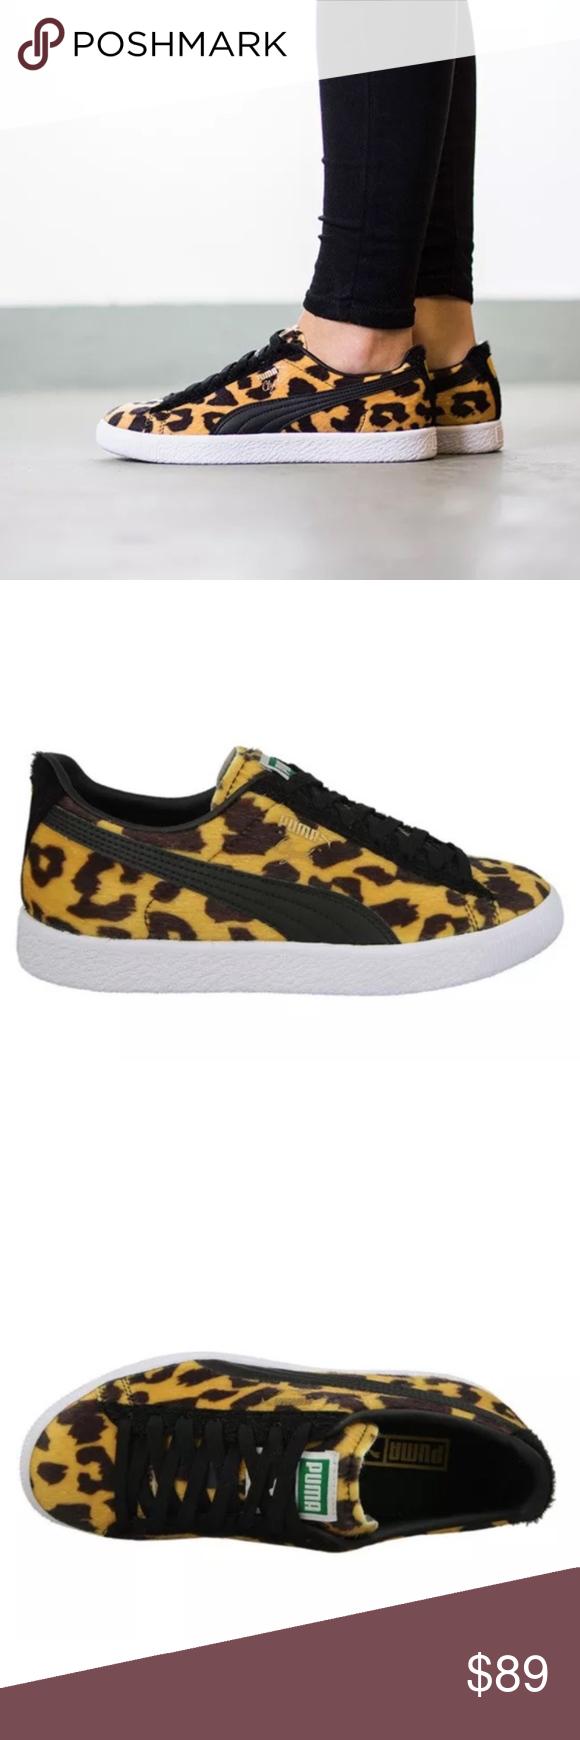 wholesale dealer f86d0 233b2 Puma Clyde Suits Animal Pack Leopard Sneakers Puma Clyde Suits Leopard  Sneakers Unisex Fits Size 9.5